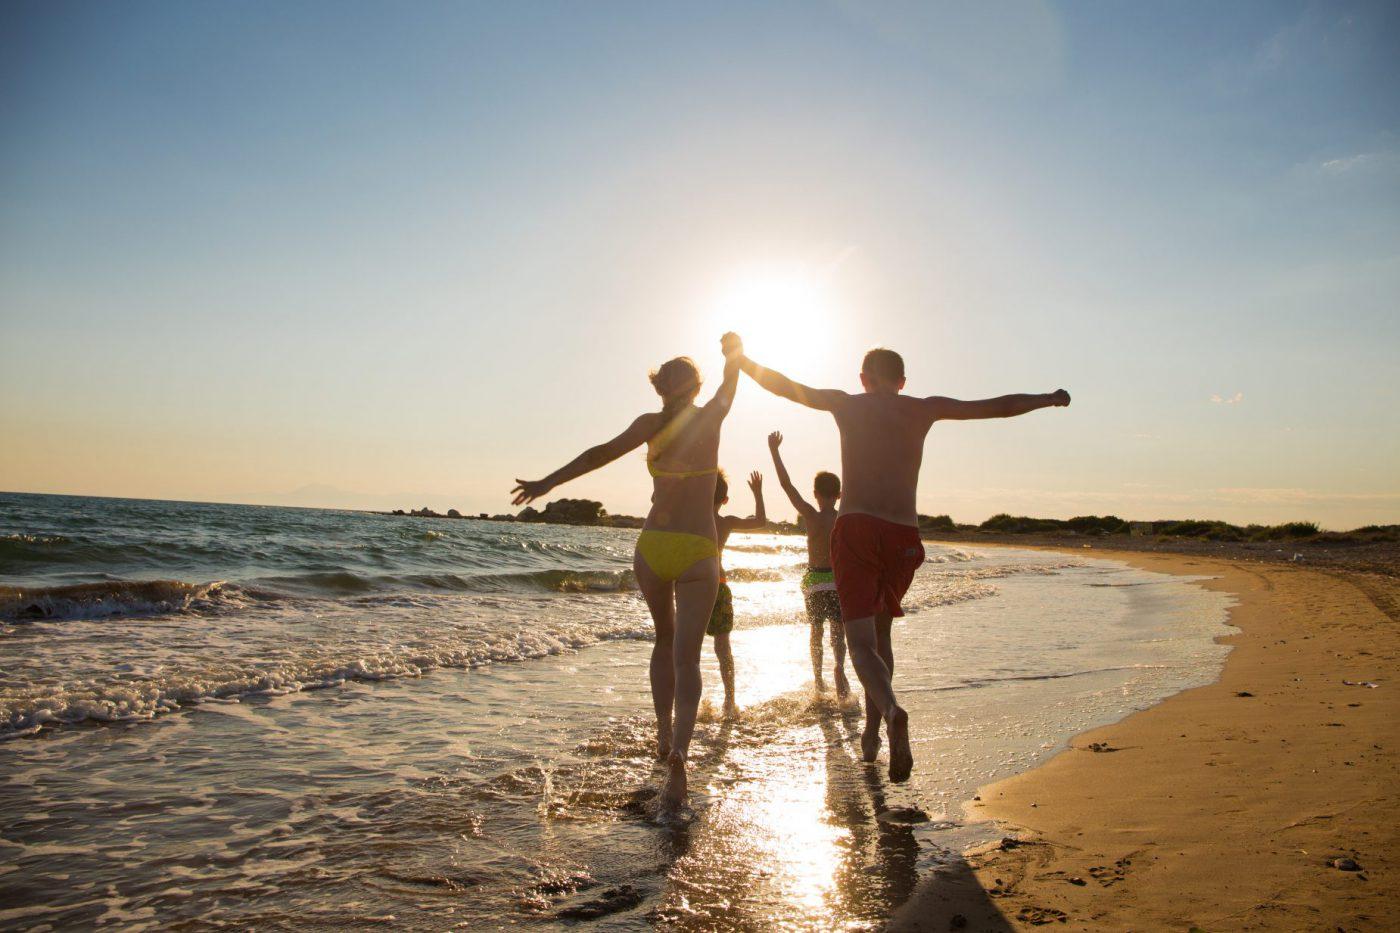 Ados famille sur la plage